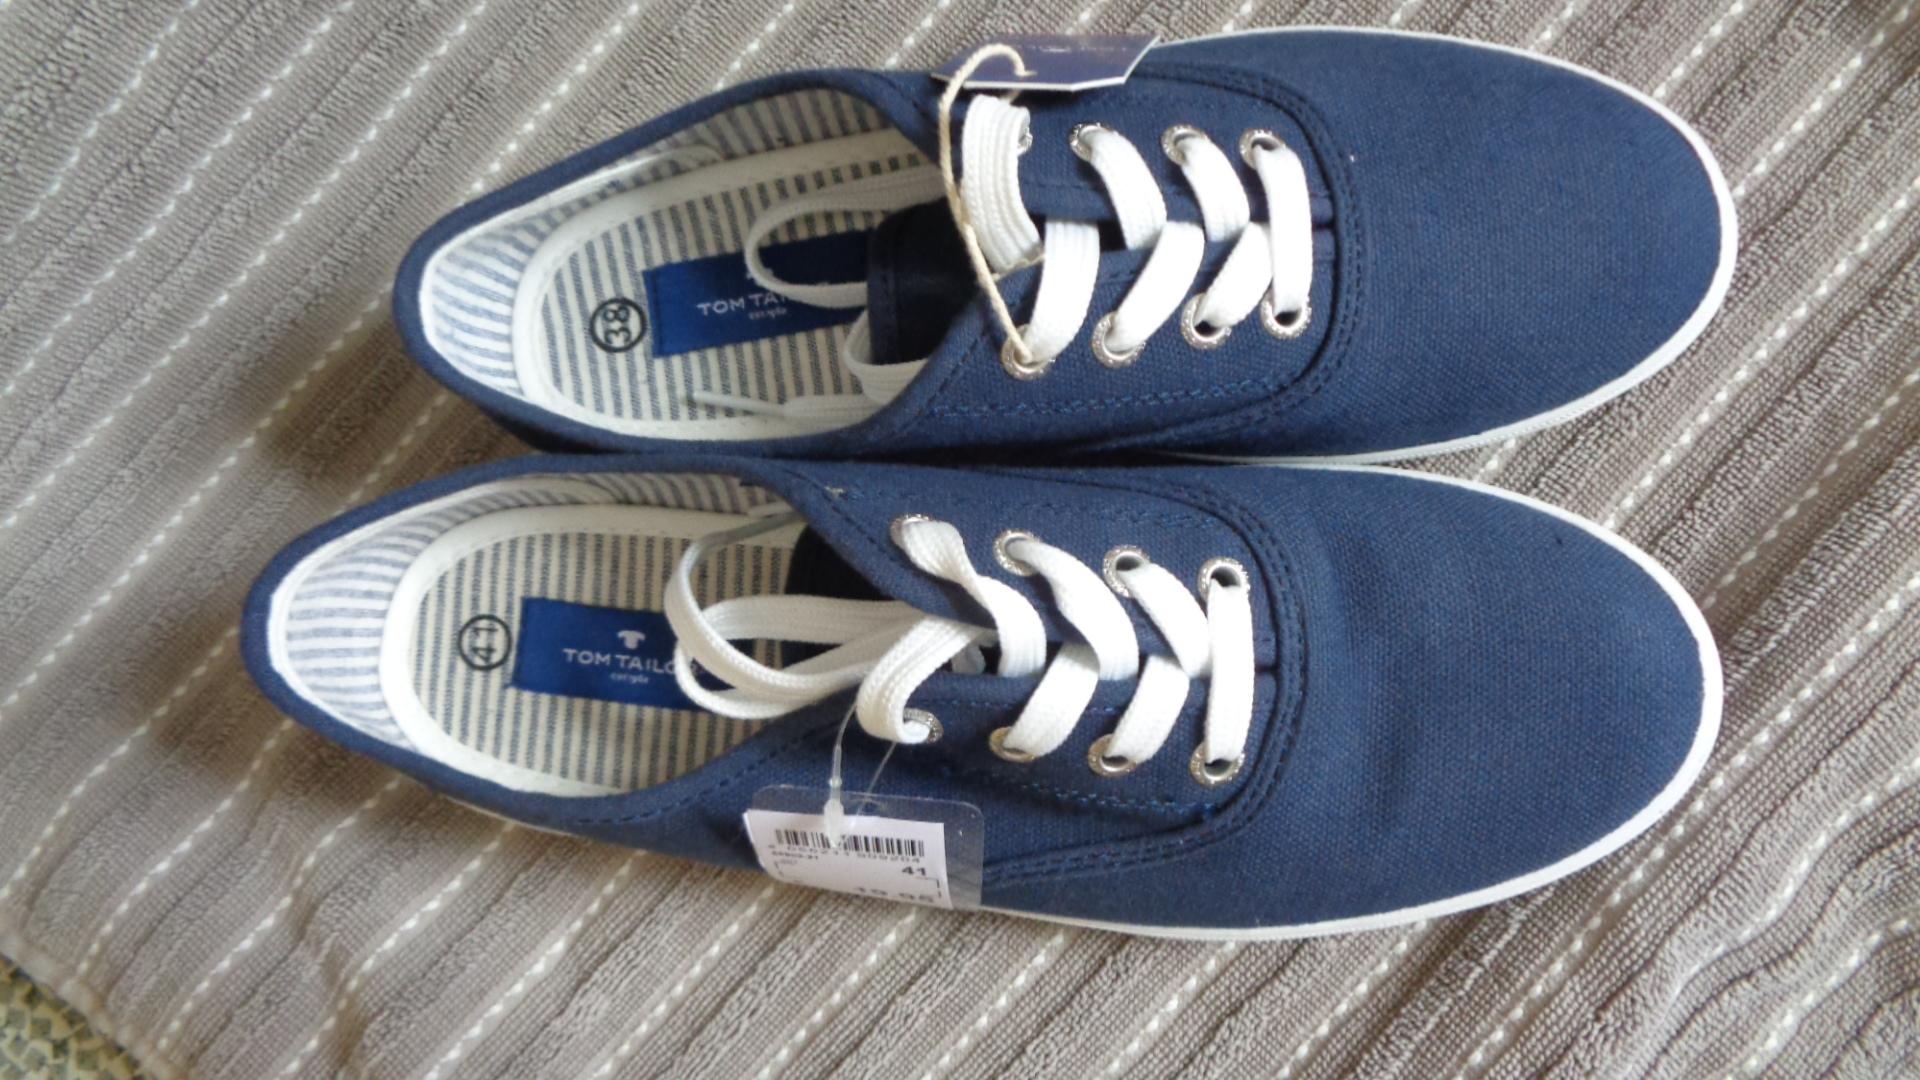 Schnürschuh Sommer - TomTailor blau-weiß